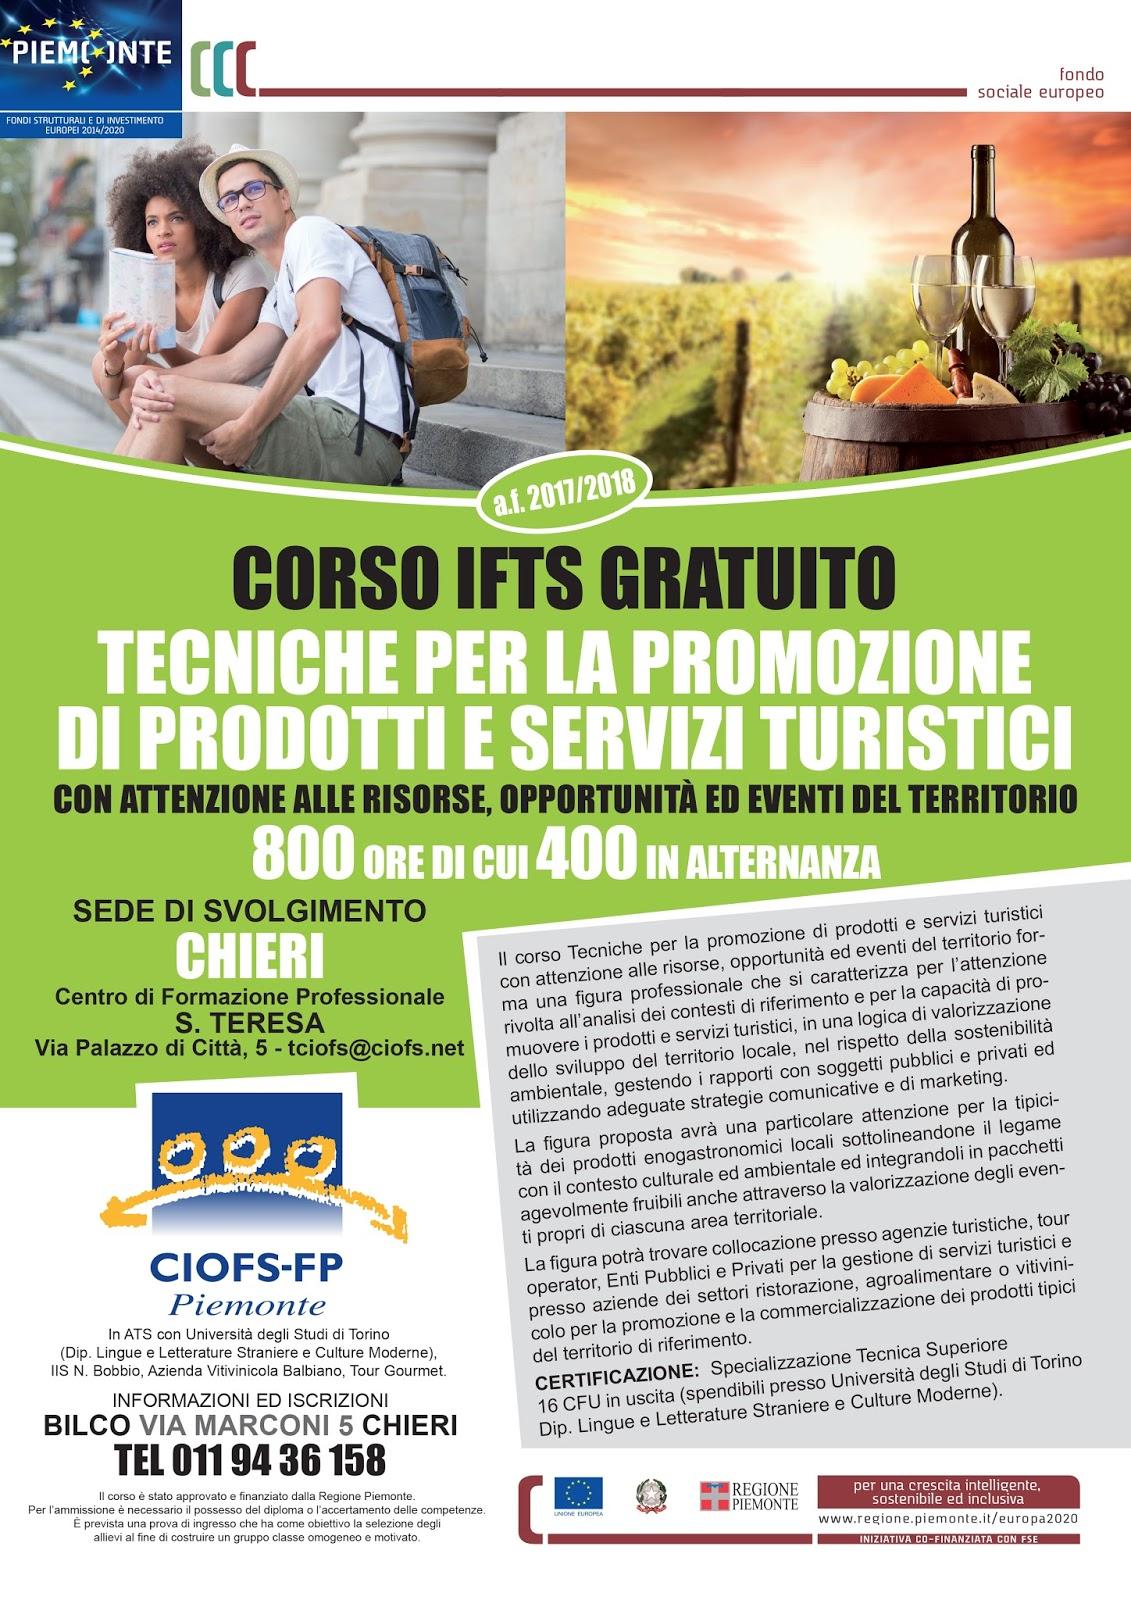 Corso gratuito in tecniche per la promozione di prodotti e for Buono per servizi turistici